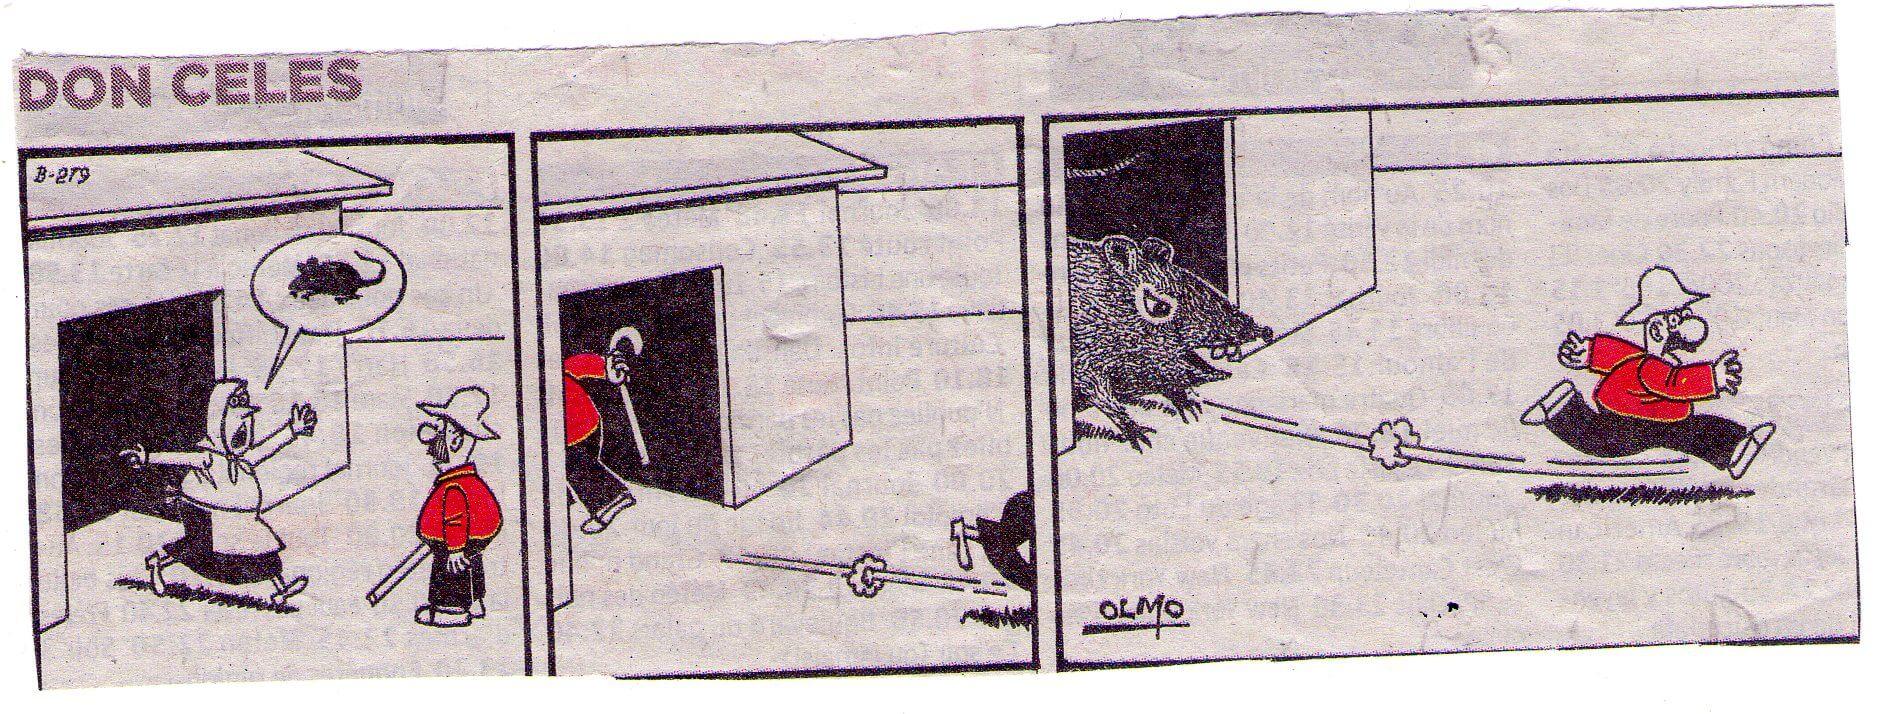 Don Celes y el enorme ratón